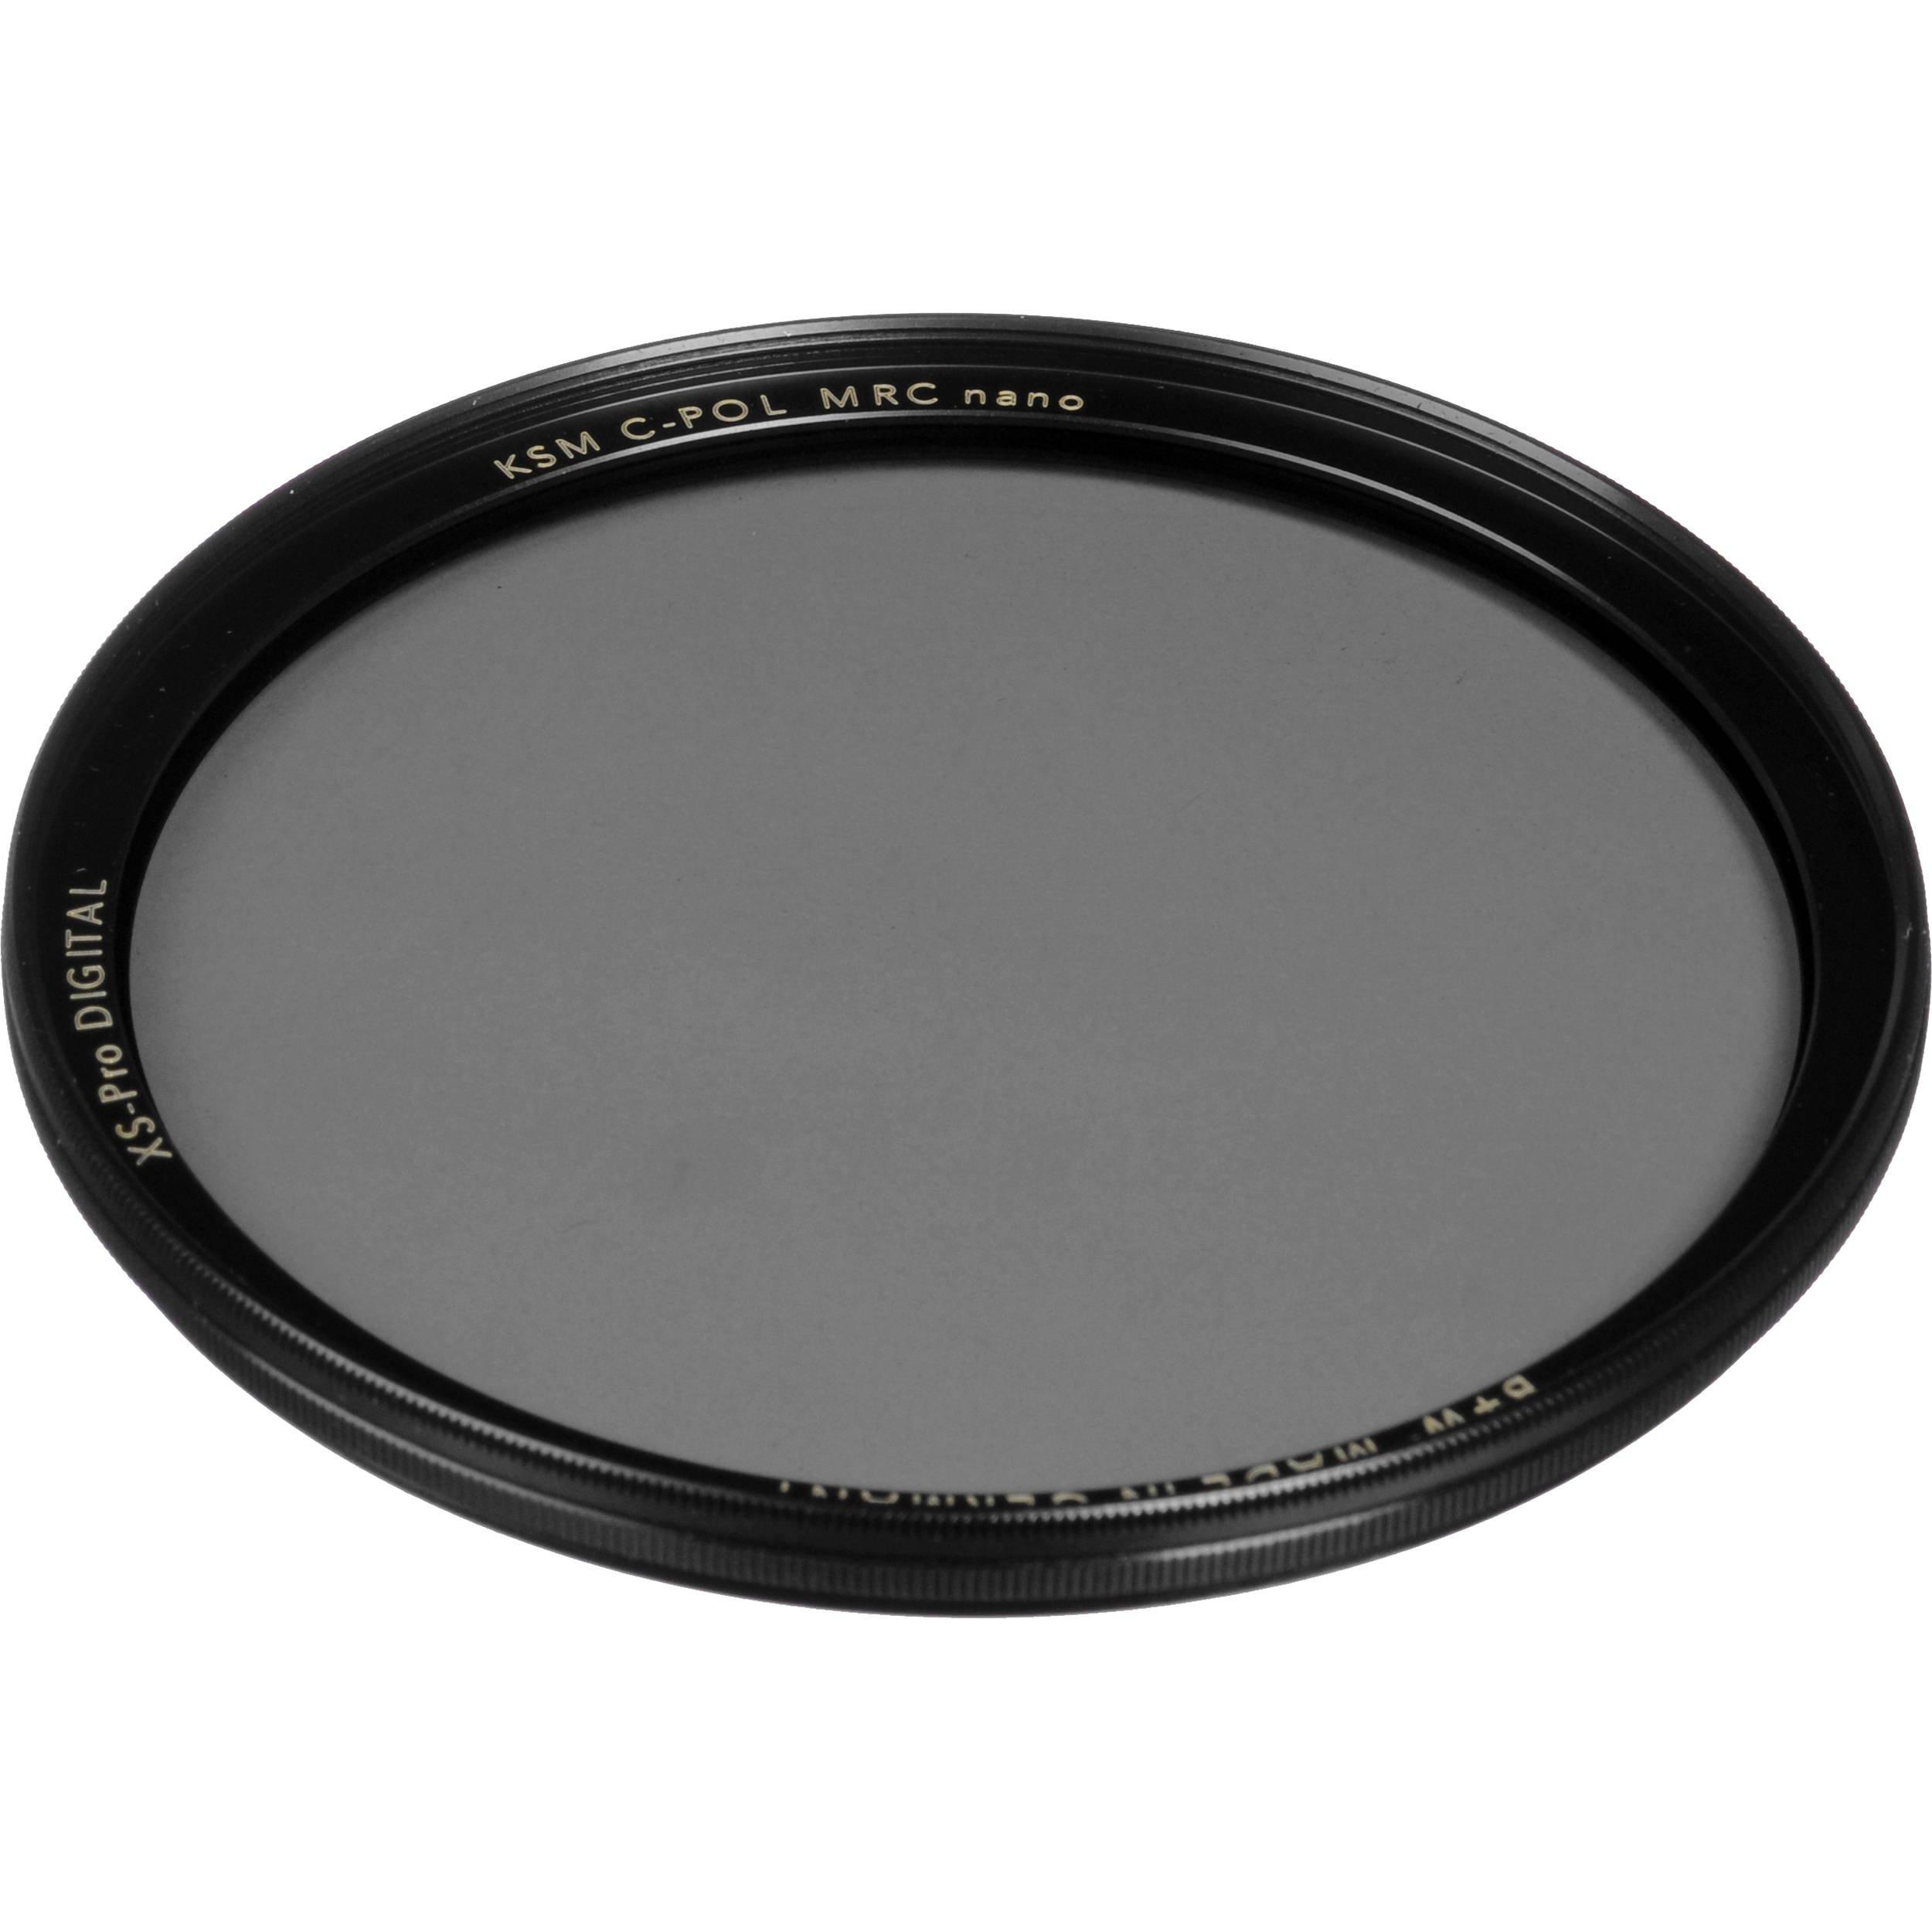 B+W filtr Polarizační cirkulární KSM XS-Pro HTC Digital MRC nano 62 mm